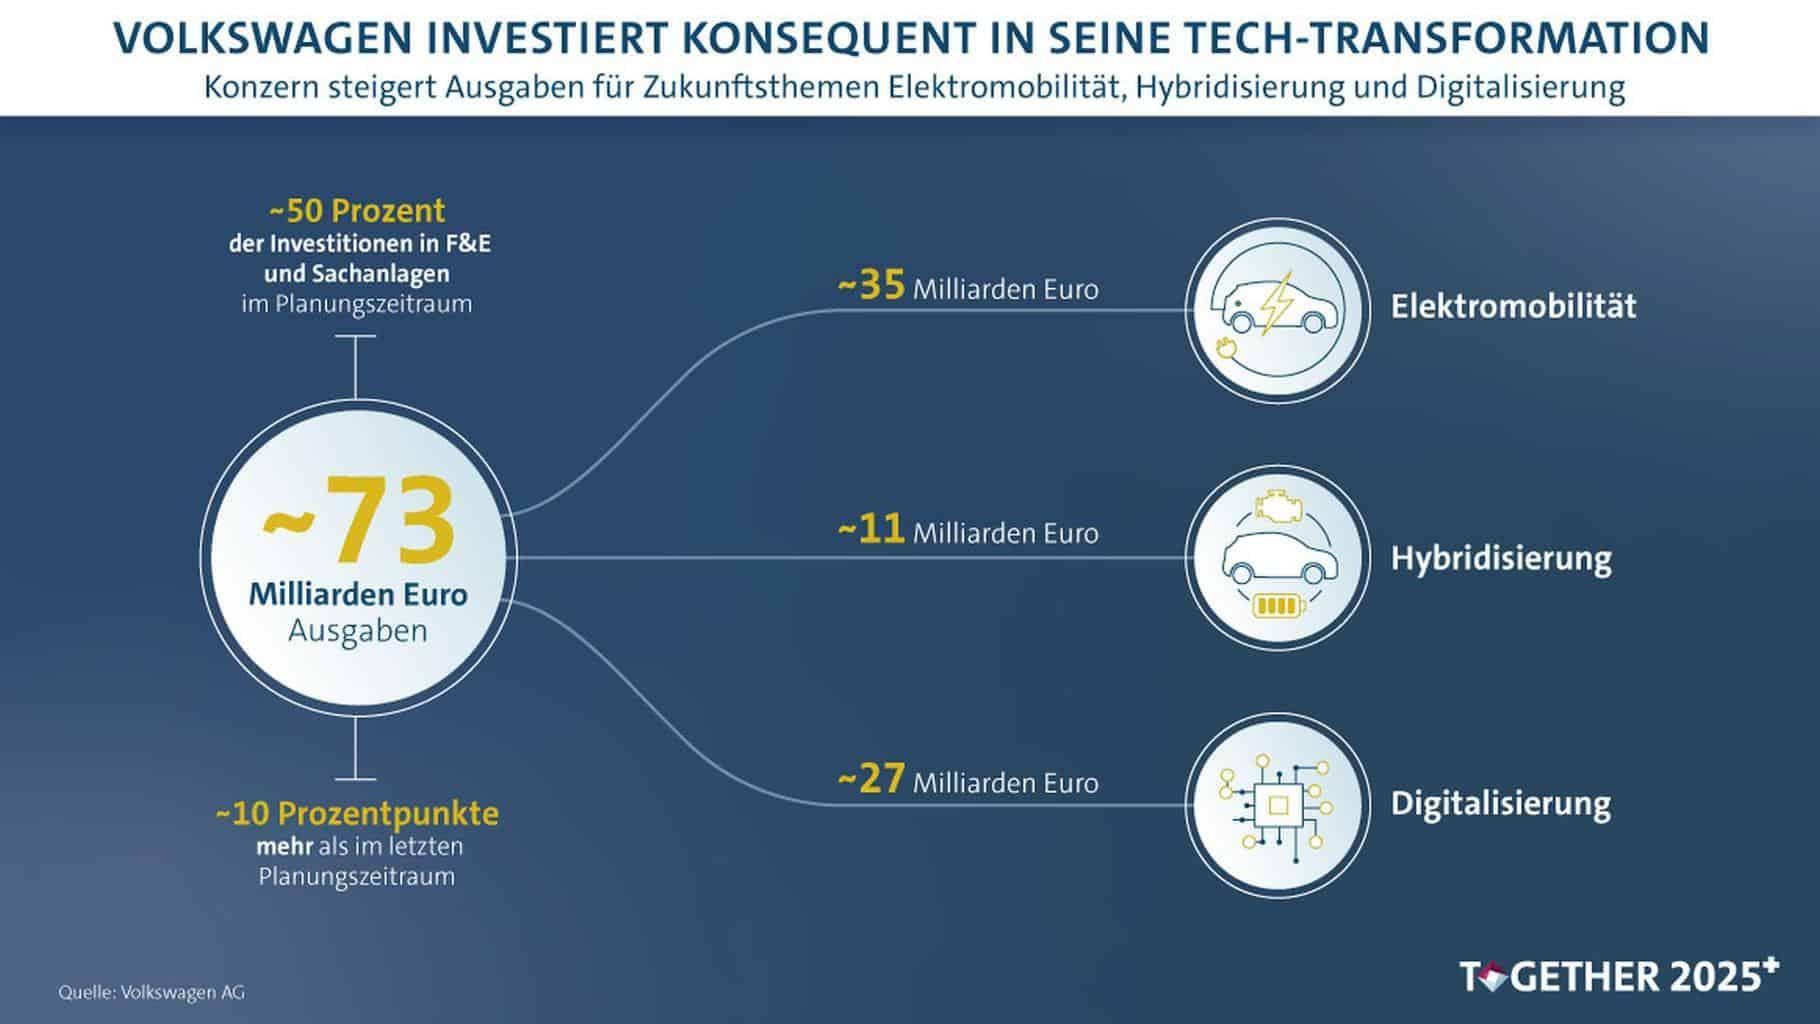 VW 5-Jahres-Plan sieht 73 Mrd. Euro Invest in E-Mobilität, Hybridisierung und Digitalisierung vor